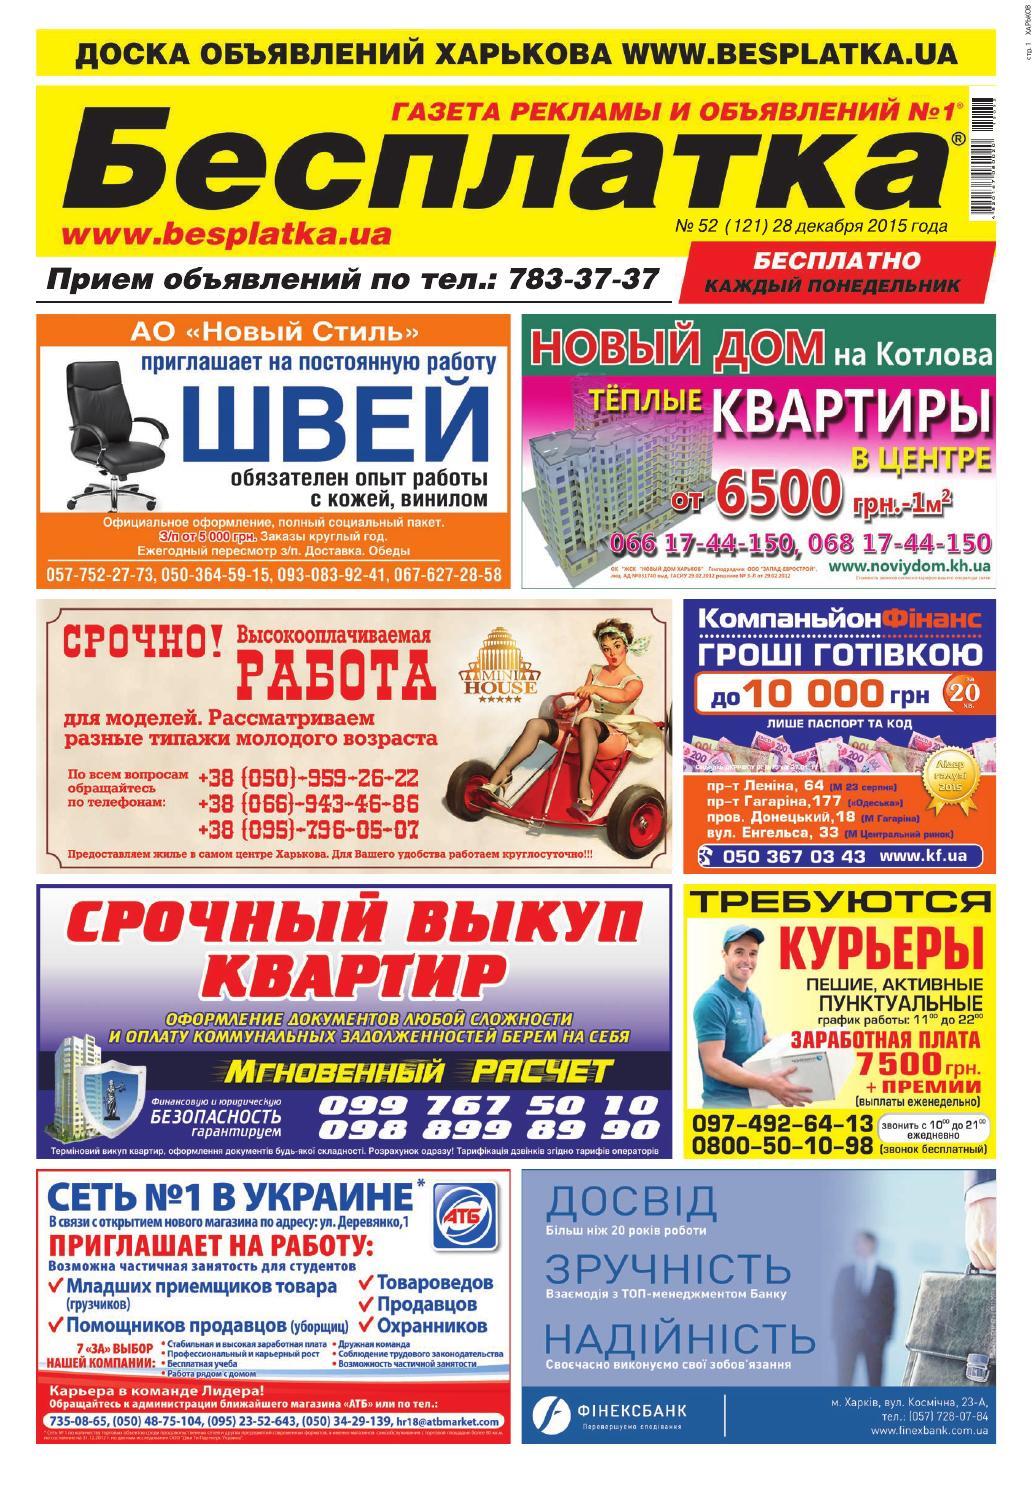 Besplatka  52 Харьков by besplatka ukraine - issuu 764646db6a9